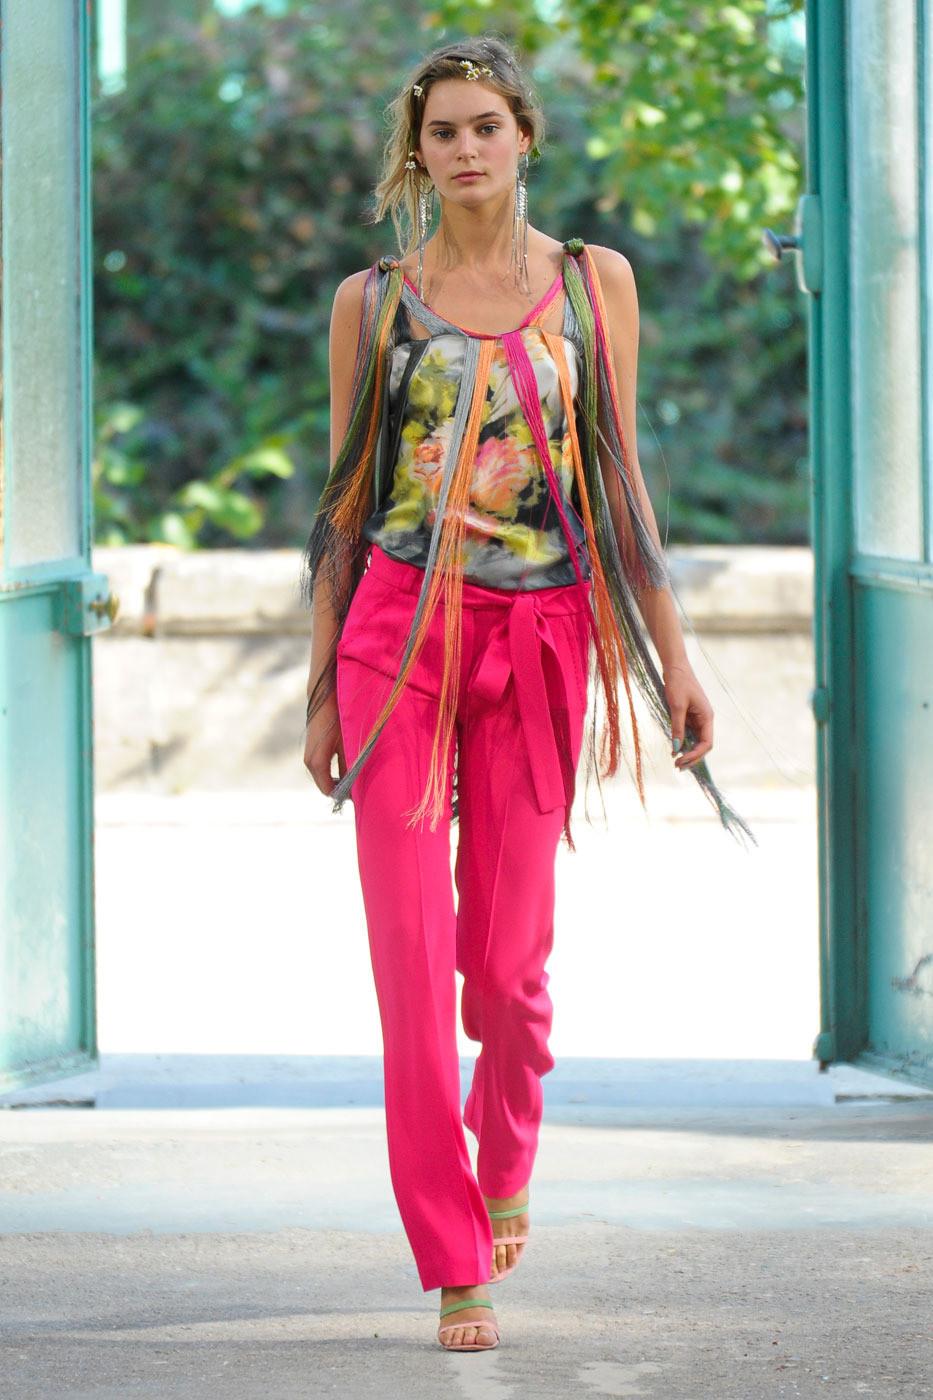 Alexis Mabille Spring 2012 ur 4 p 1 L 6 y NI 2 x